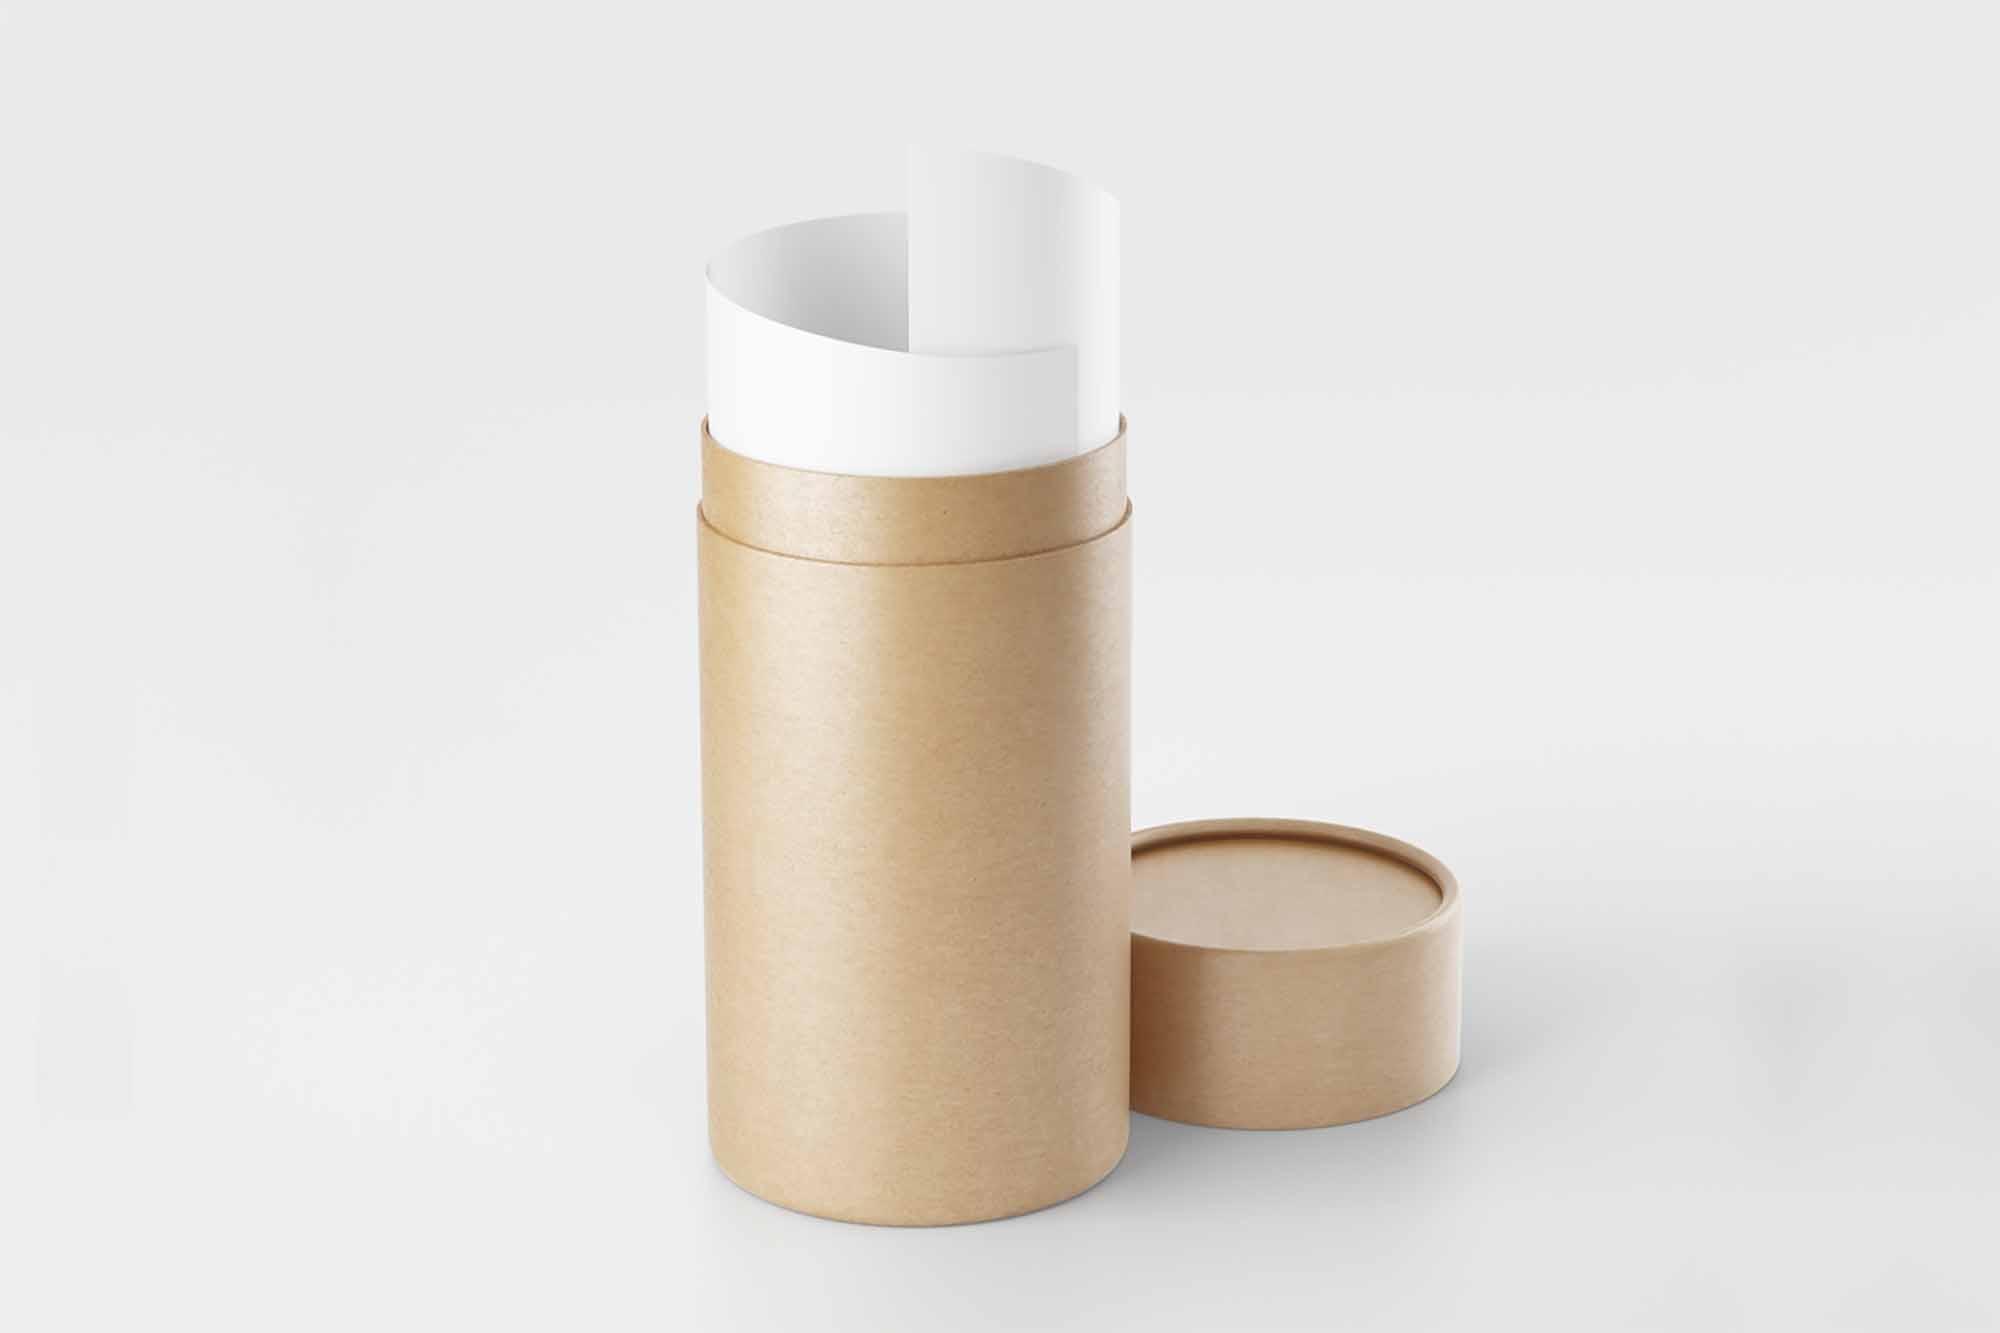 Paper Tube Mockup 2